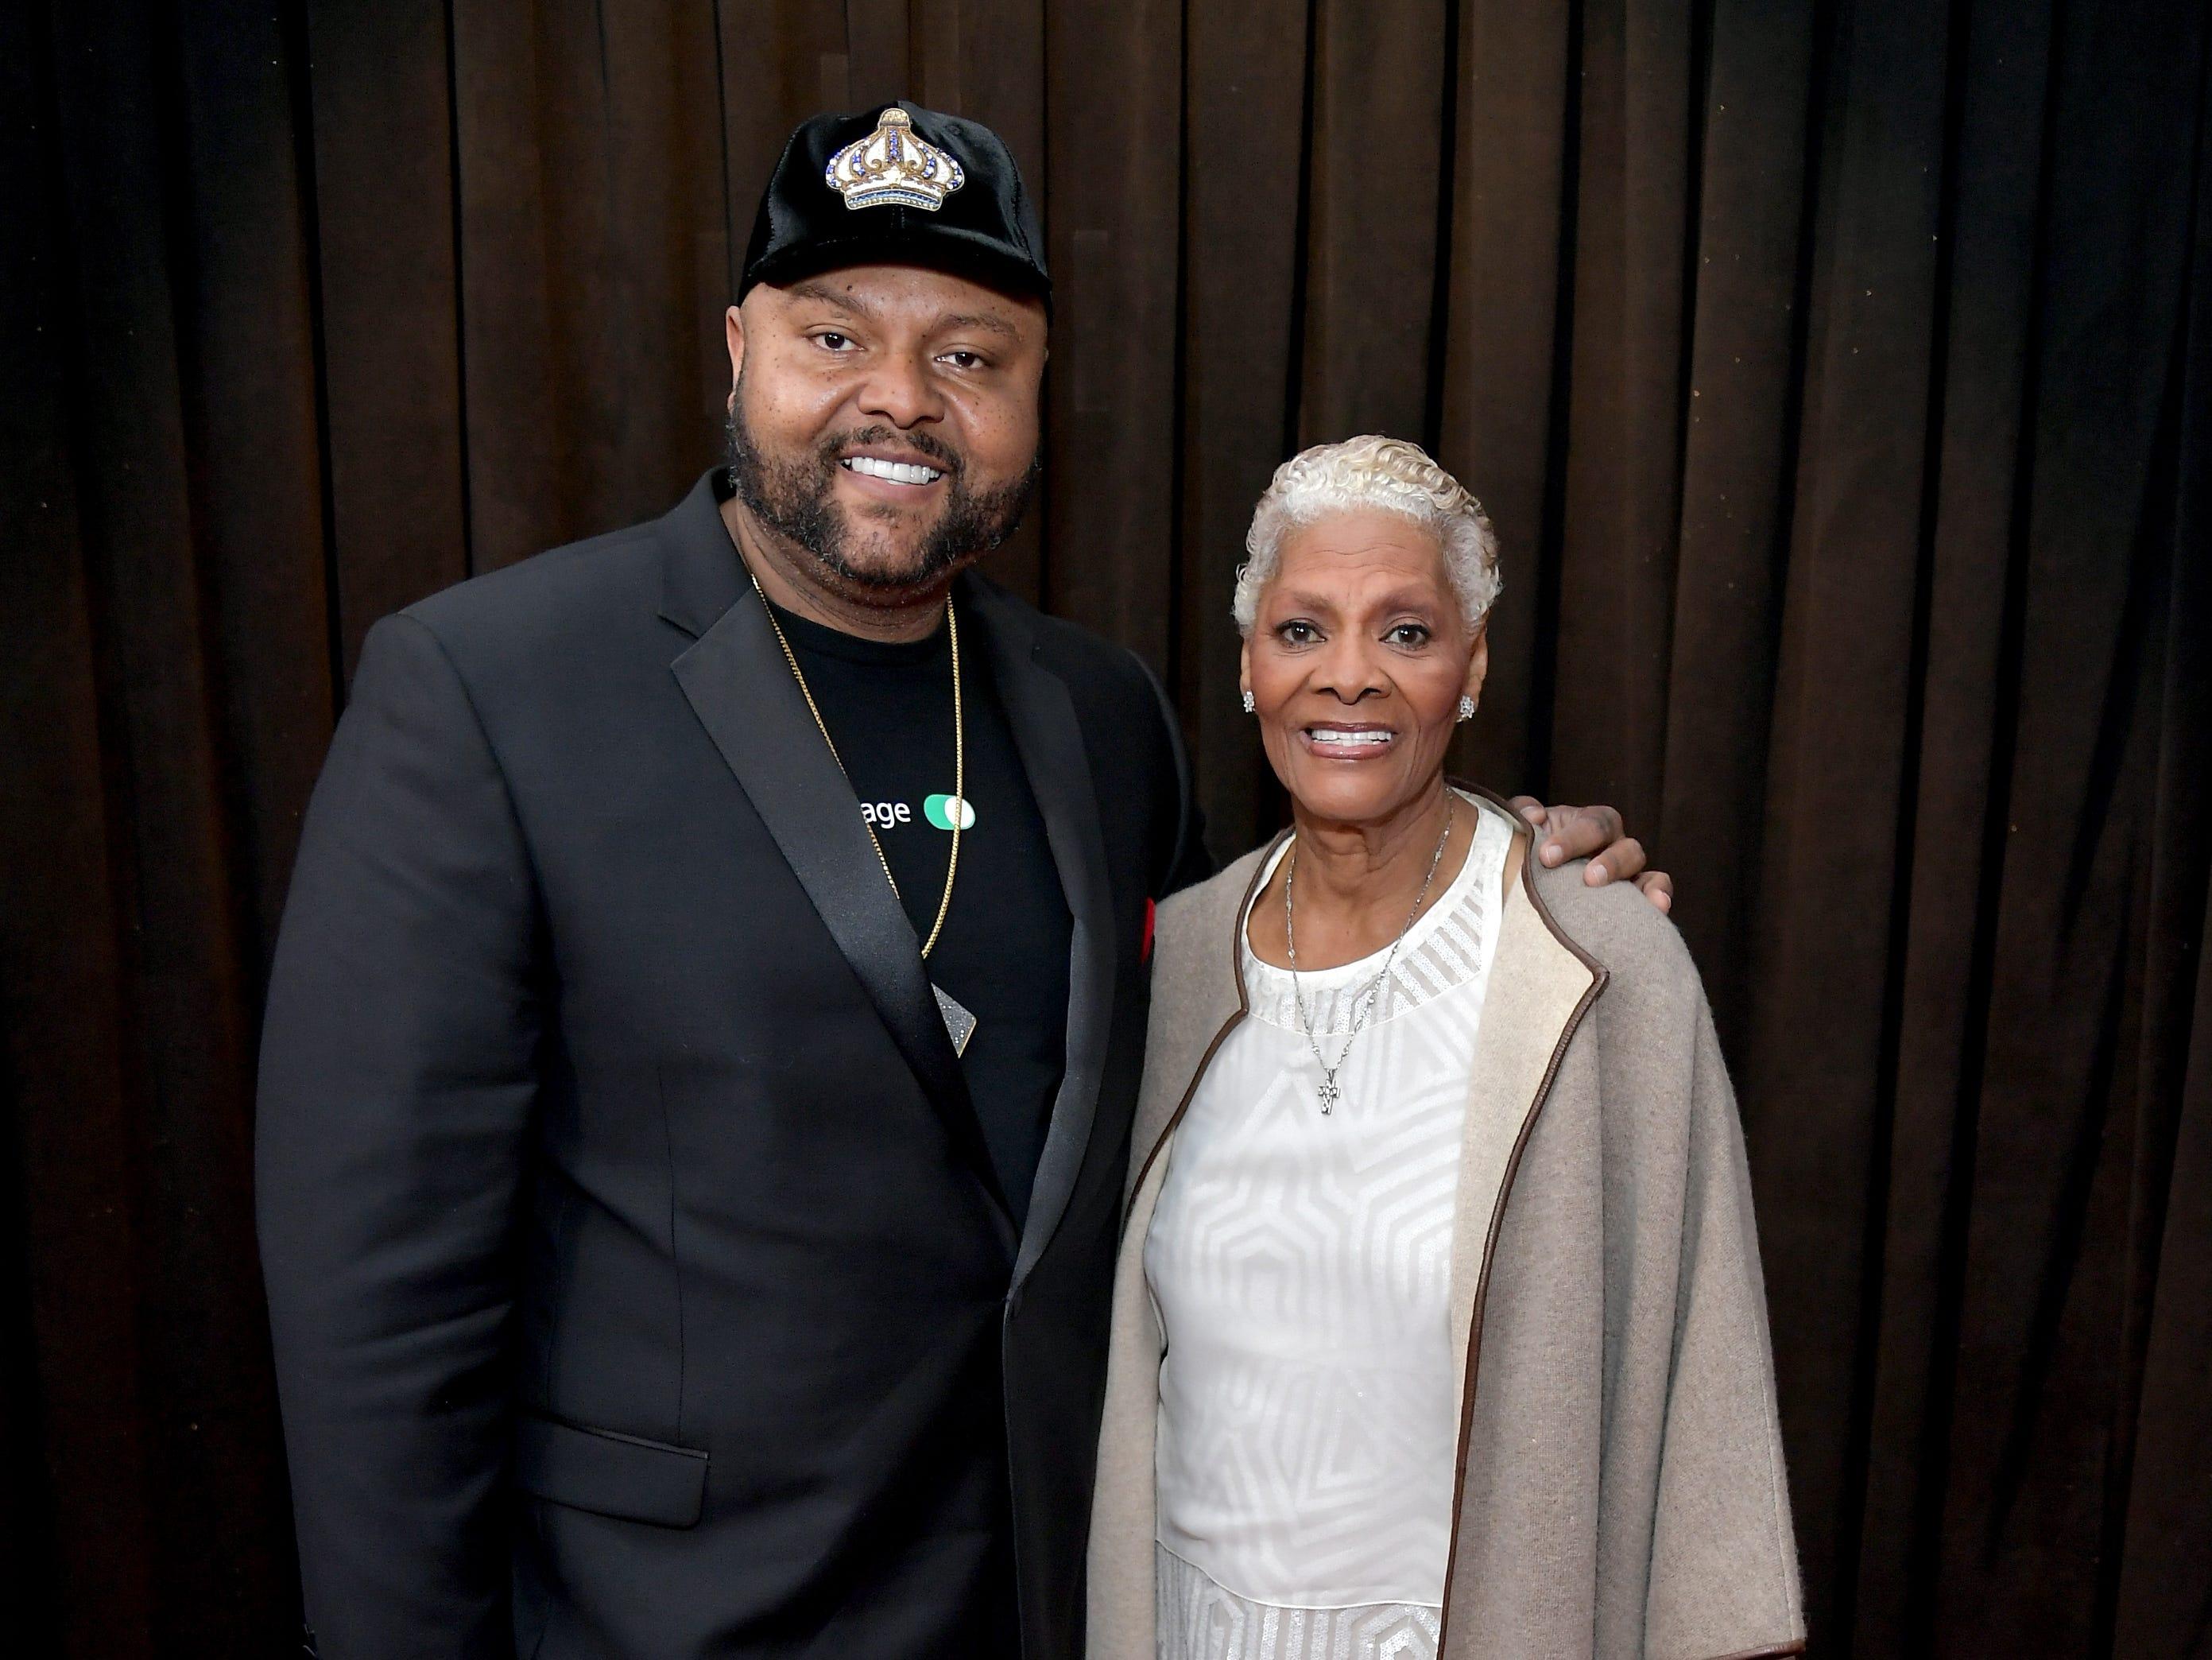 Damon Elliott y Dionne Warwick asisten a la 61ª edición de los premios GRAMMY en el Staples Center el 10 de febrero de 2019 en Los Ángeles, California.